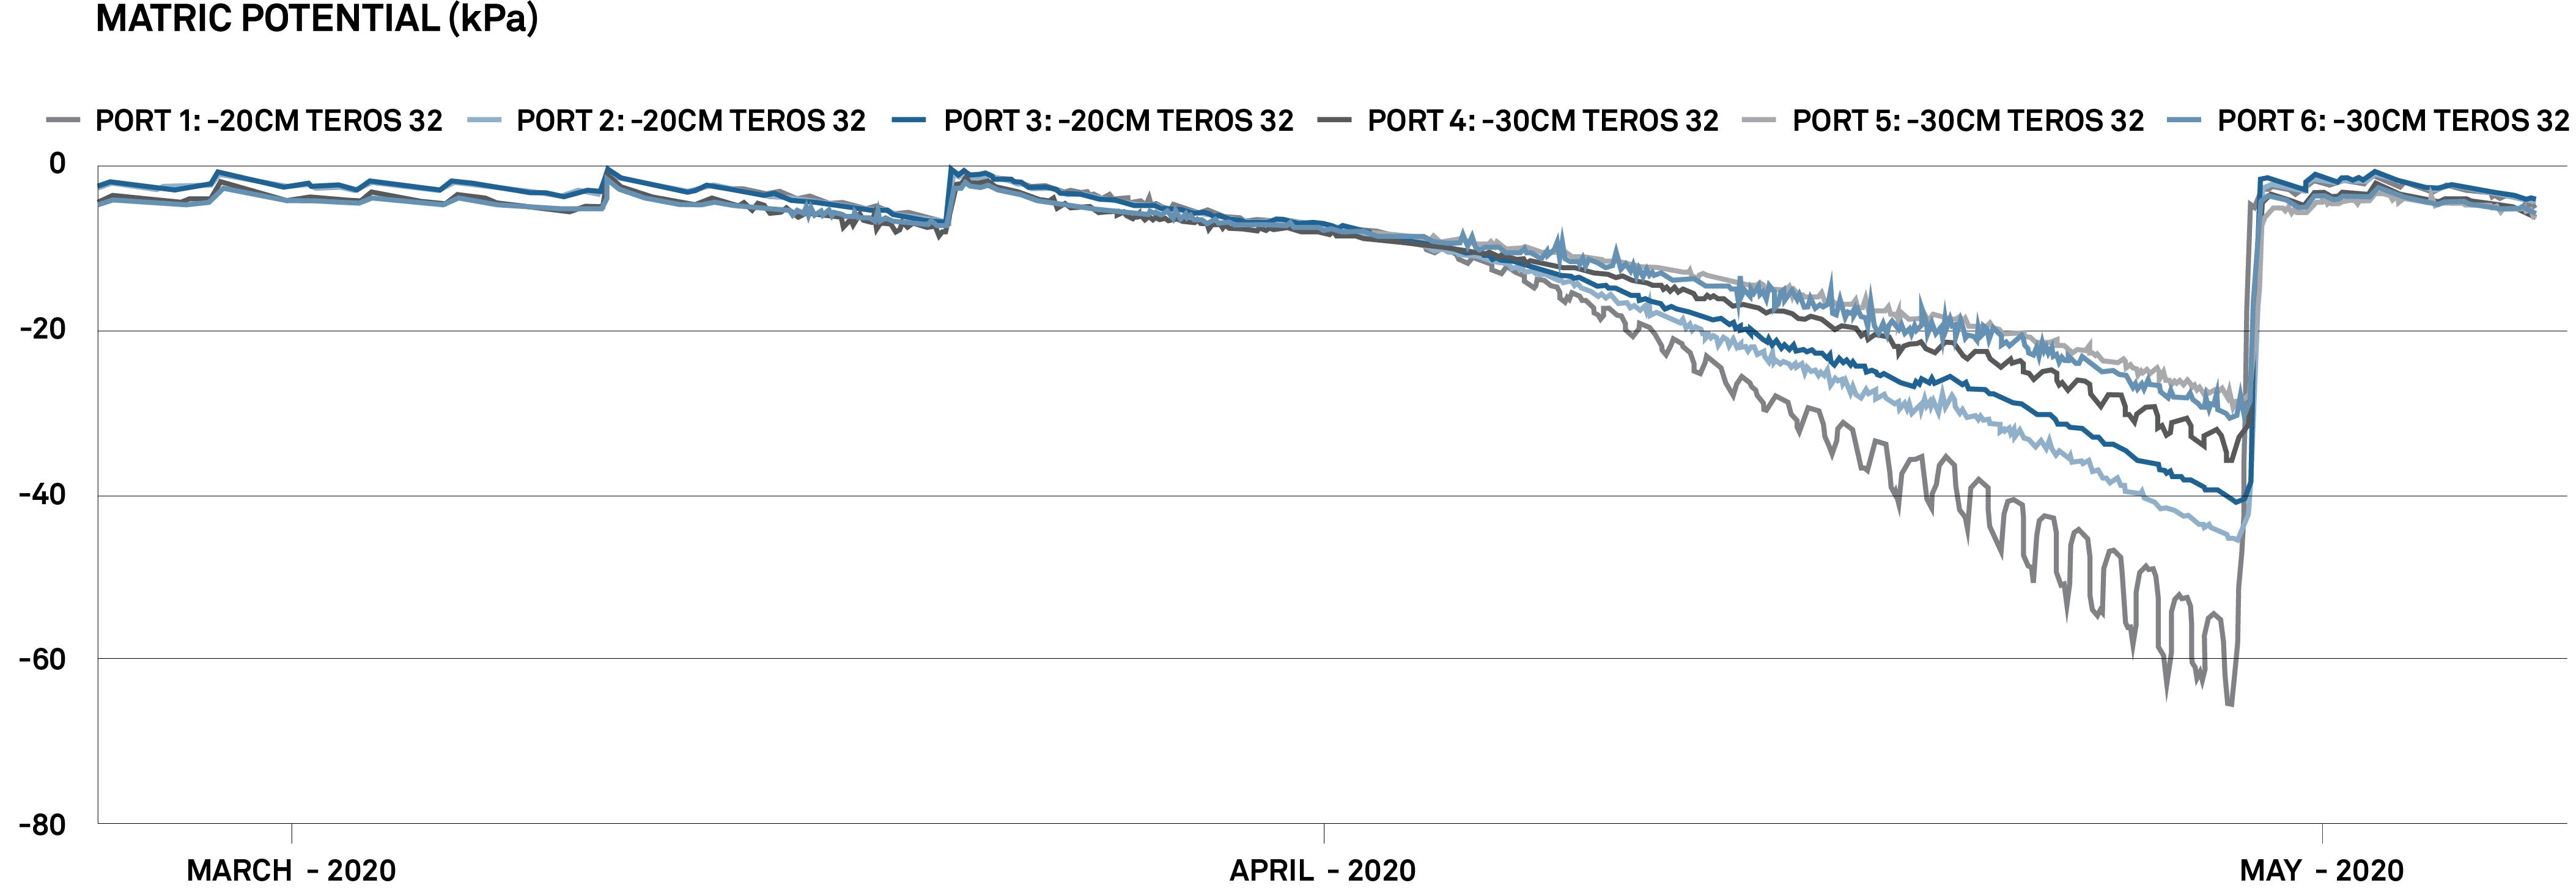 datos del tensiómetro TEROS 32